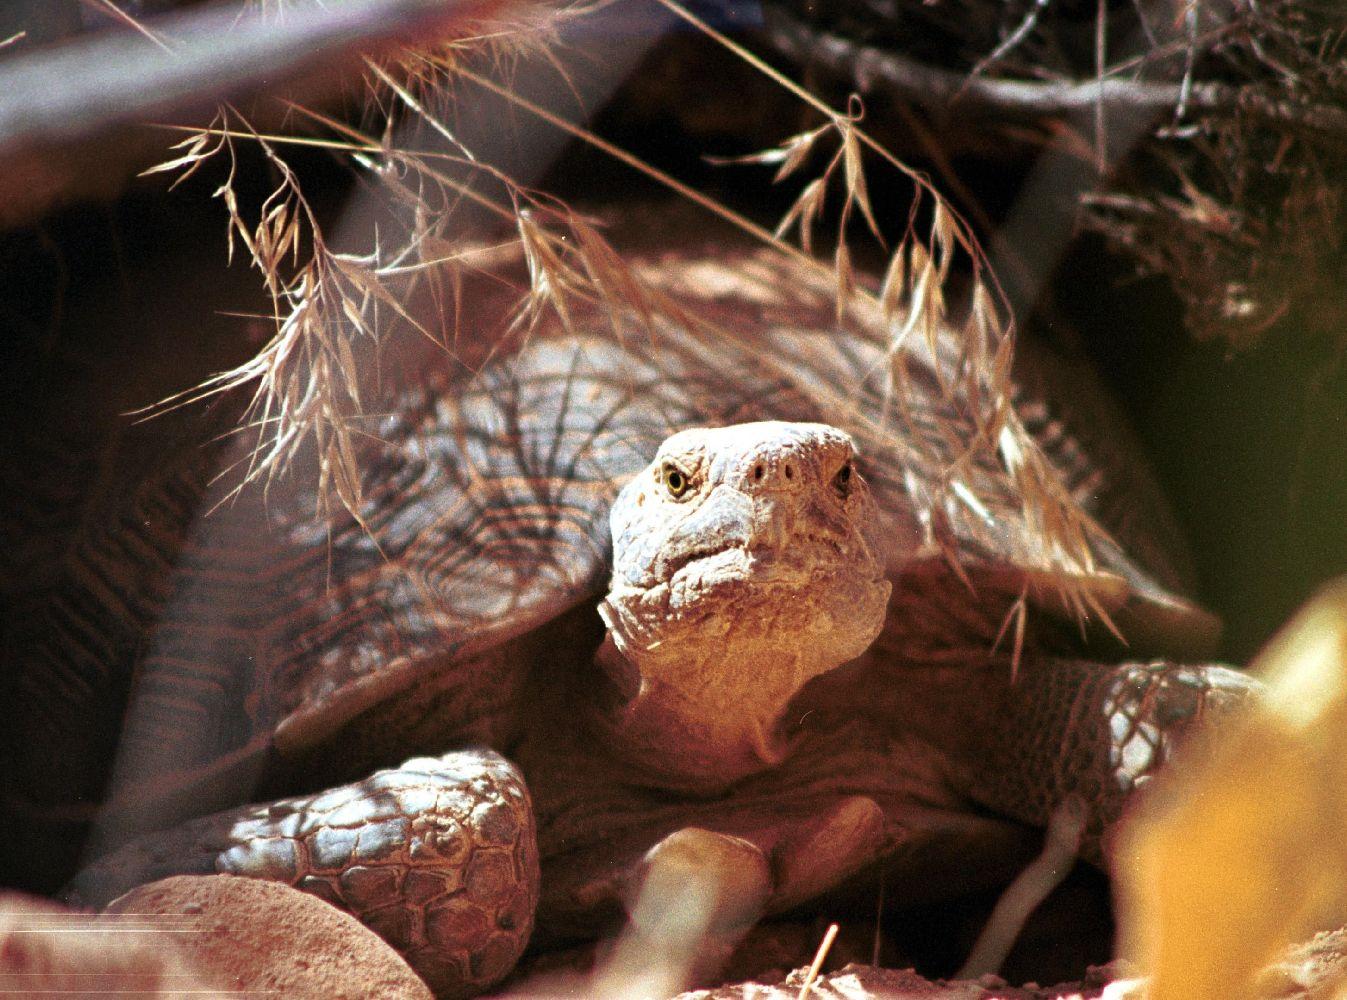 Desert_tortoise_reptile small